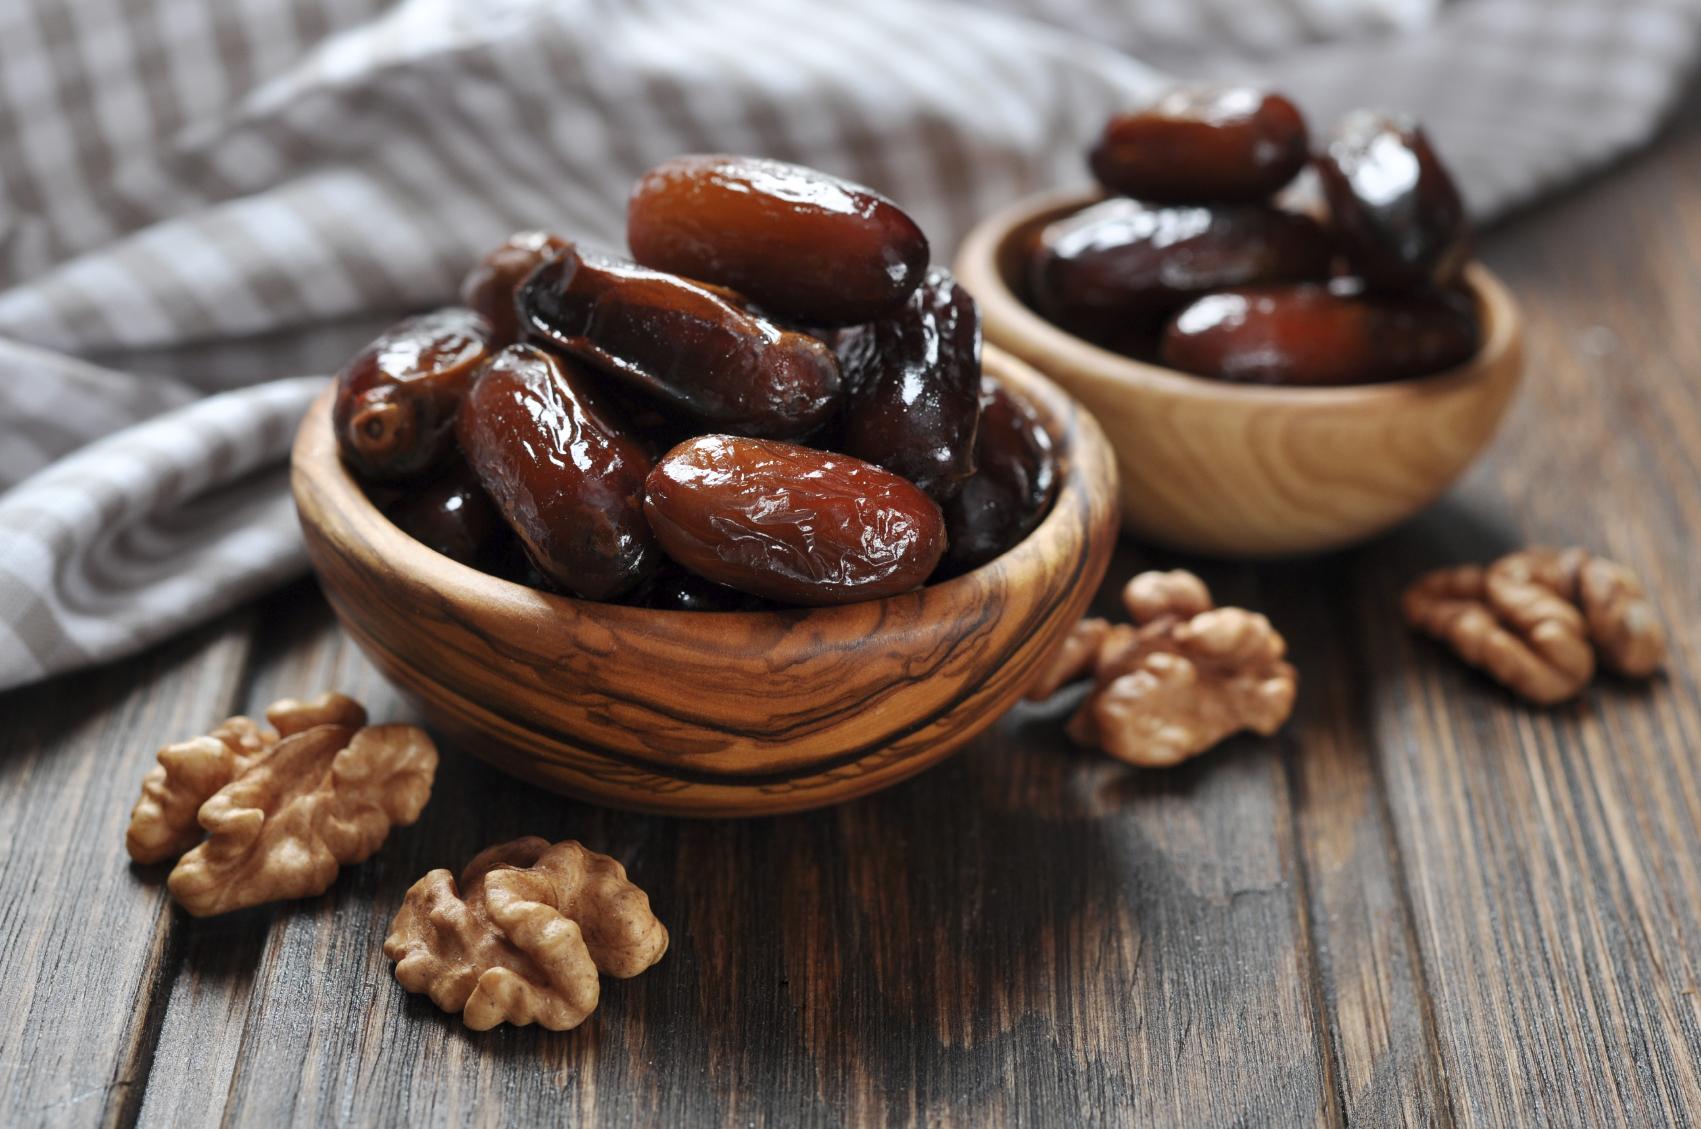 Recipe of delicacies made from nuts and dates Riċetta: Ħelwa tat-tamal, ġewż u ilma zahar